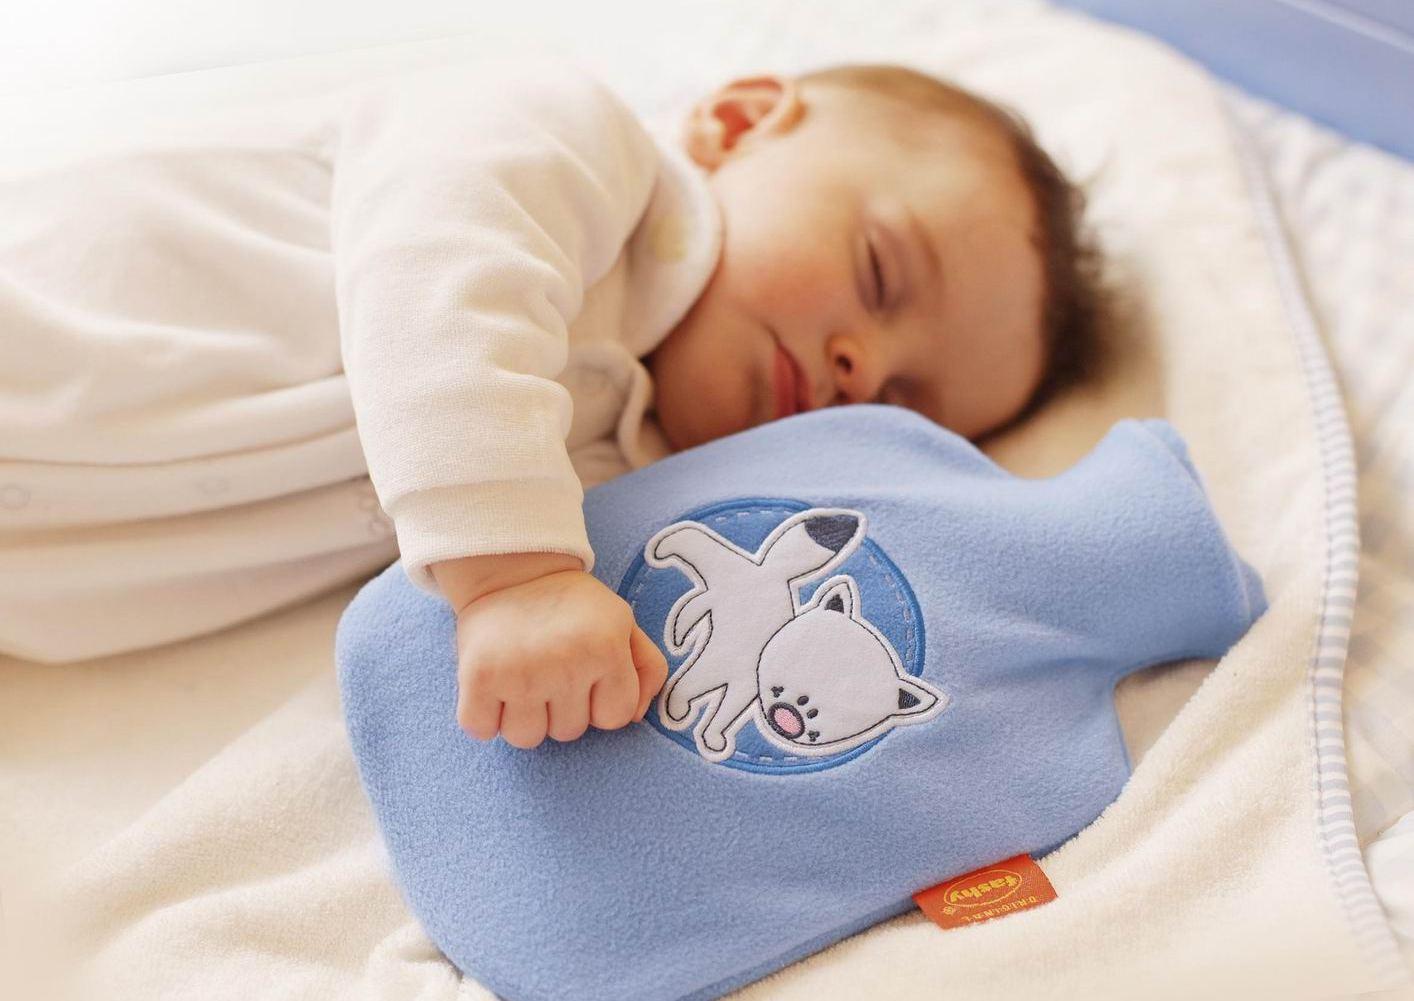 ребенок спит вместе с грелкой